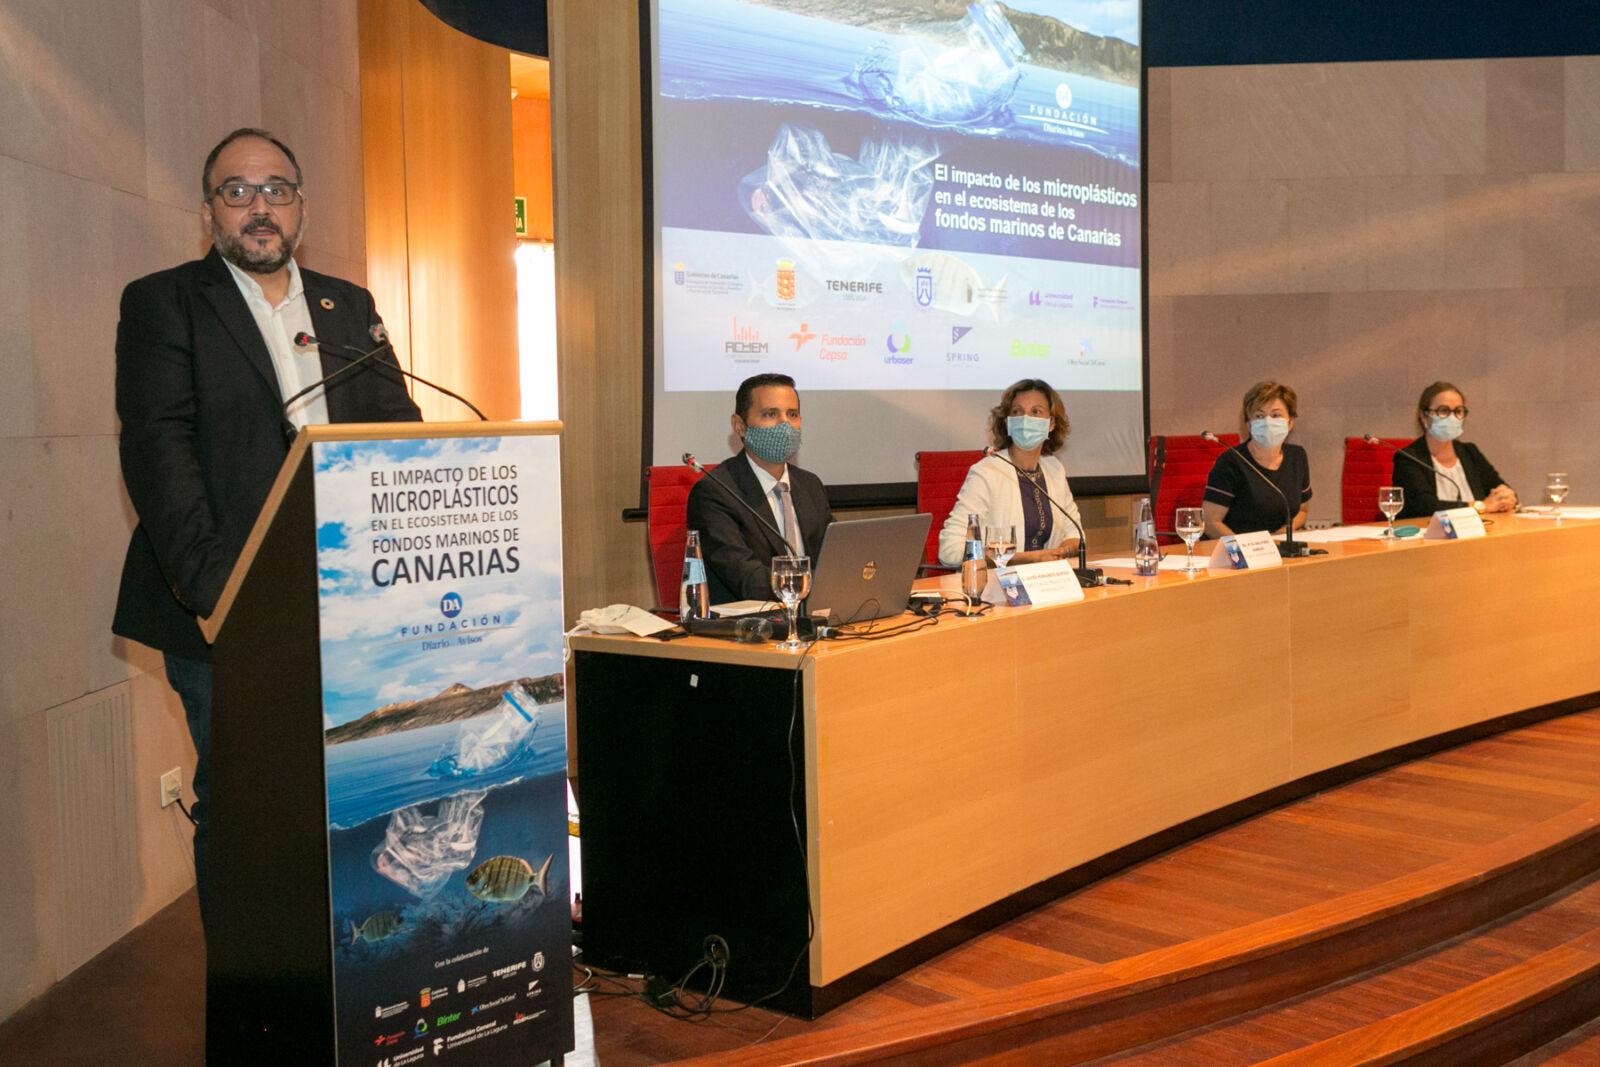 El consejero del Gobierno de Canarias tomó la palabra durante la presentación de esta investigación sobre los microplásticos en el litoral canario.